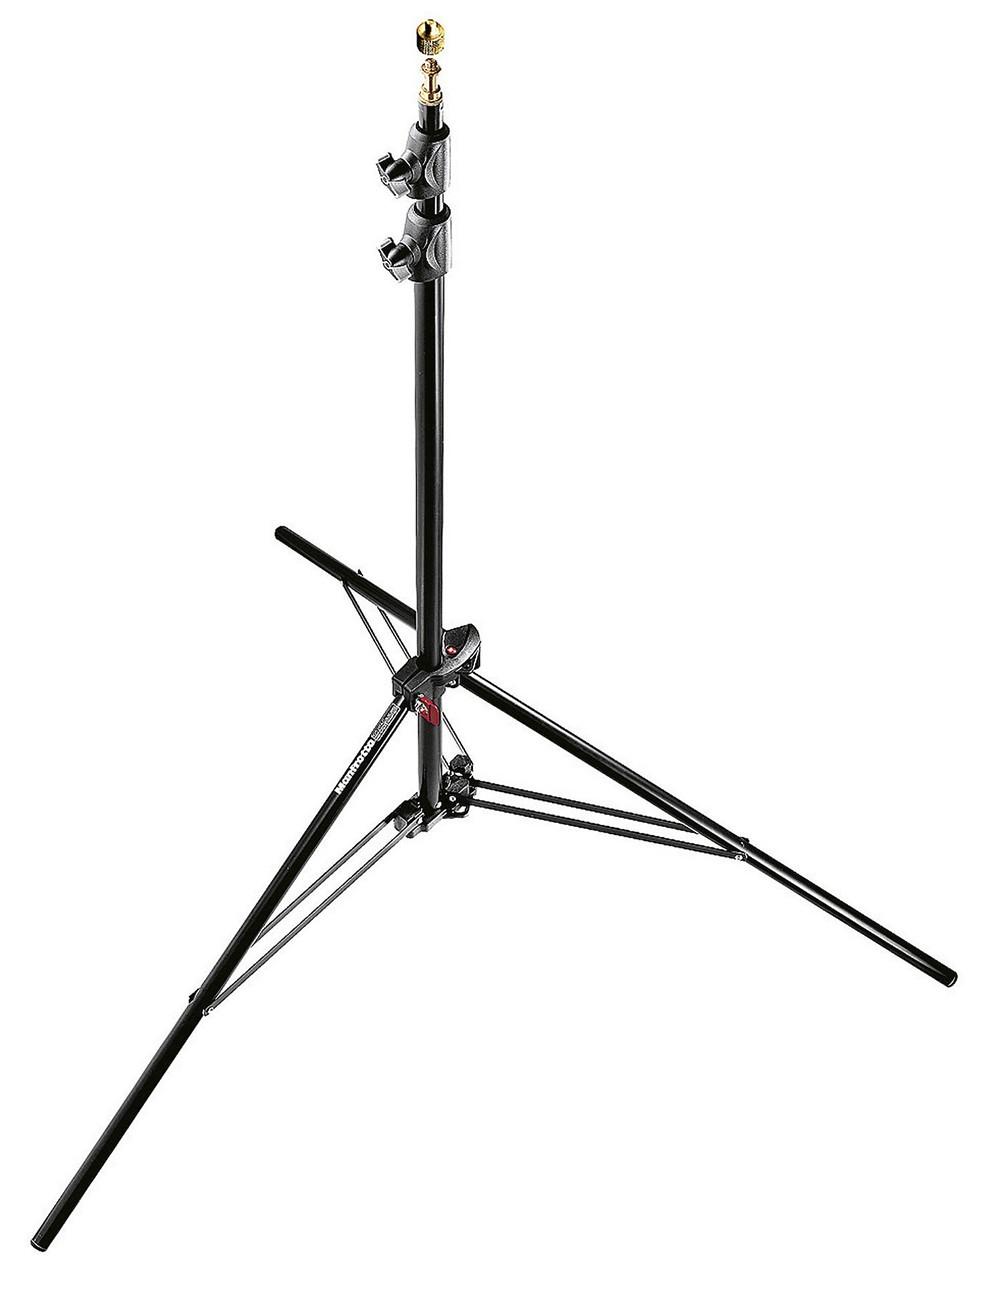 MANFROTTO Stativo Compact Alu Nero Pneumatico - Kit 3 Stativi